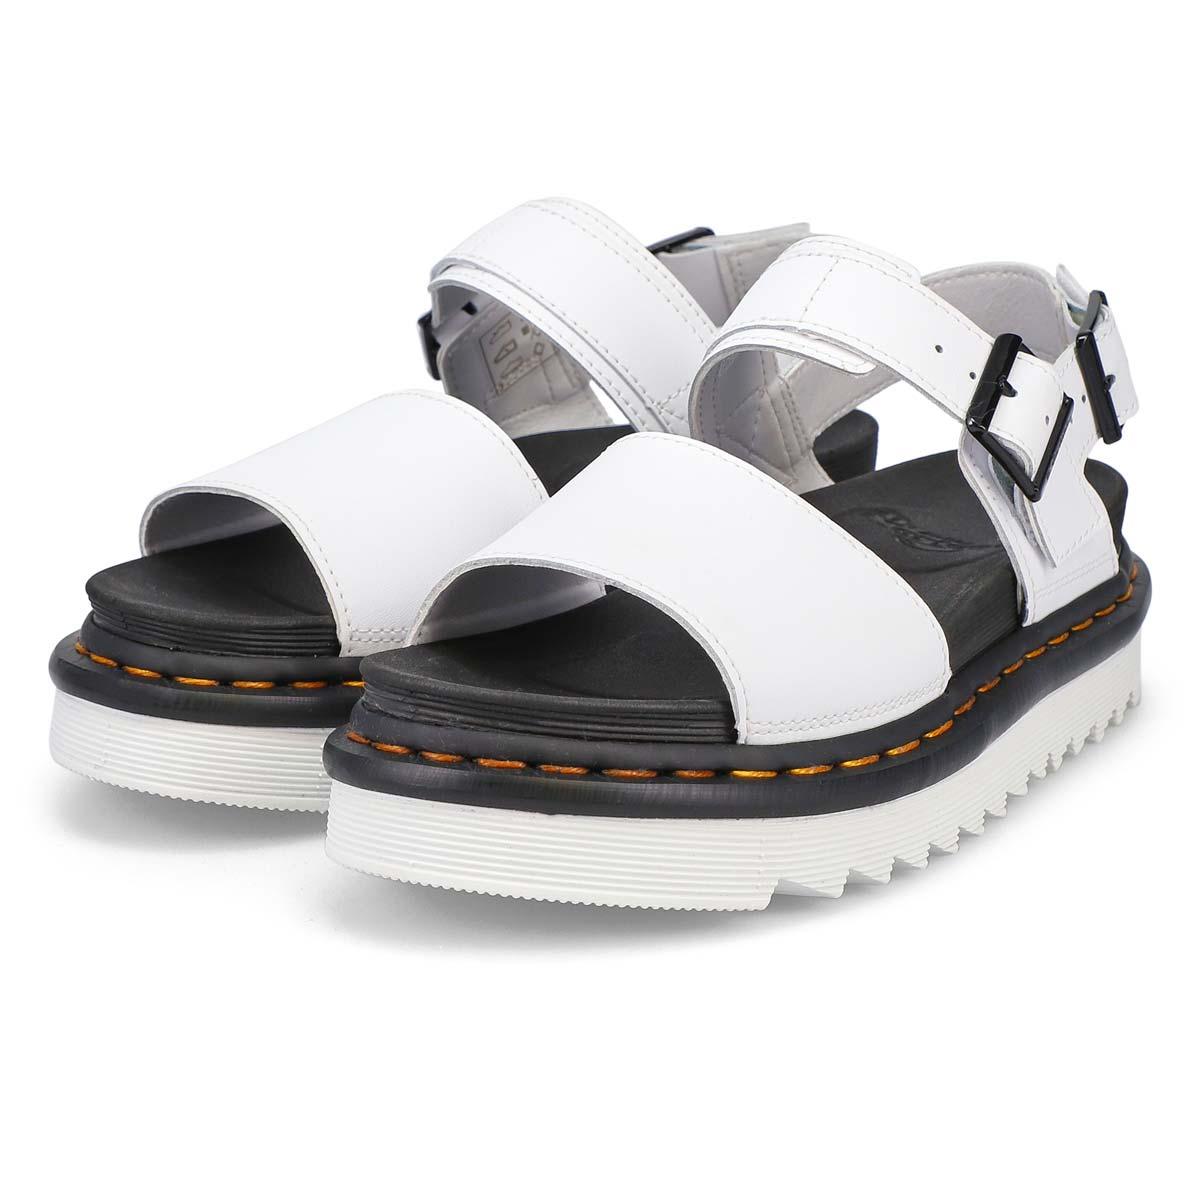 Sandale VOSS 2 brides blanc femmes